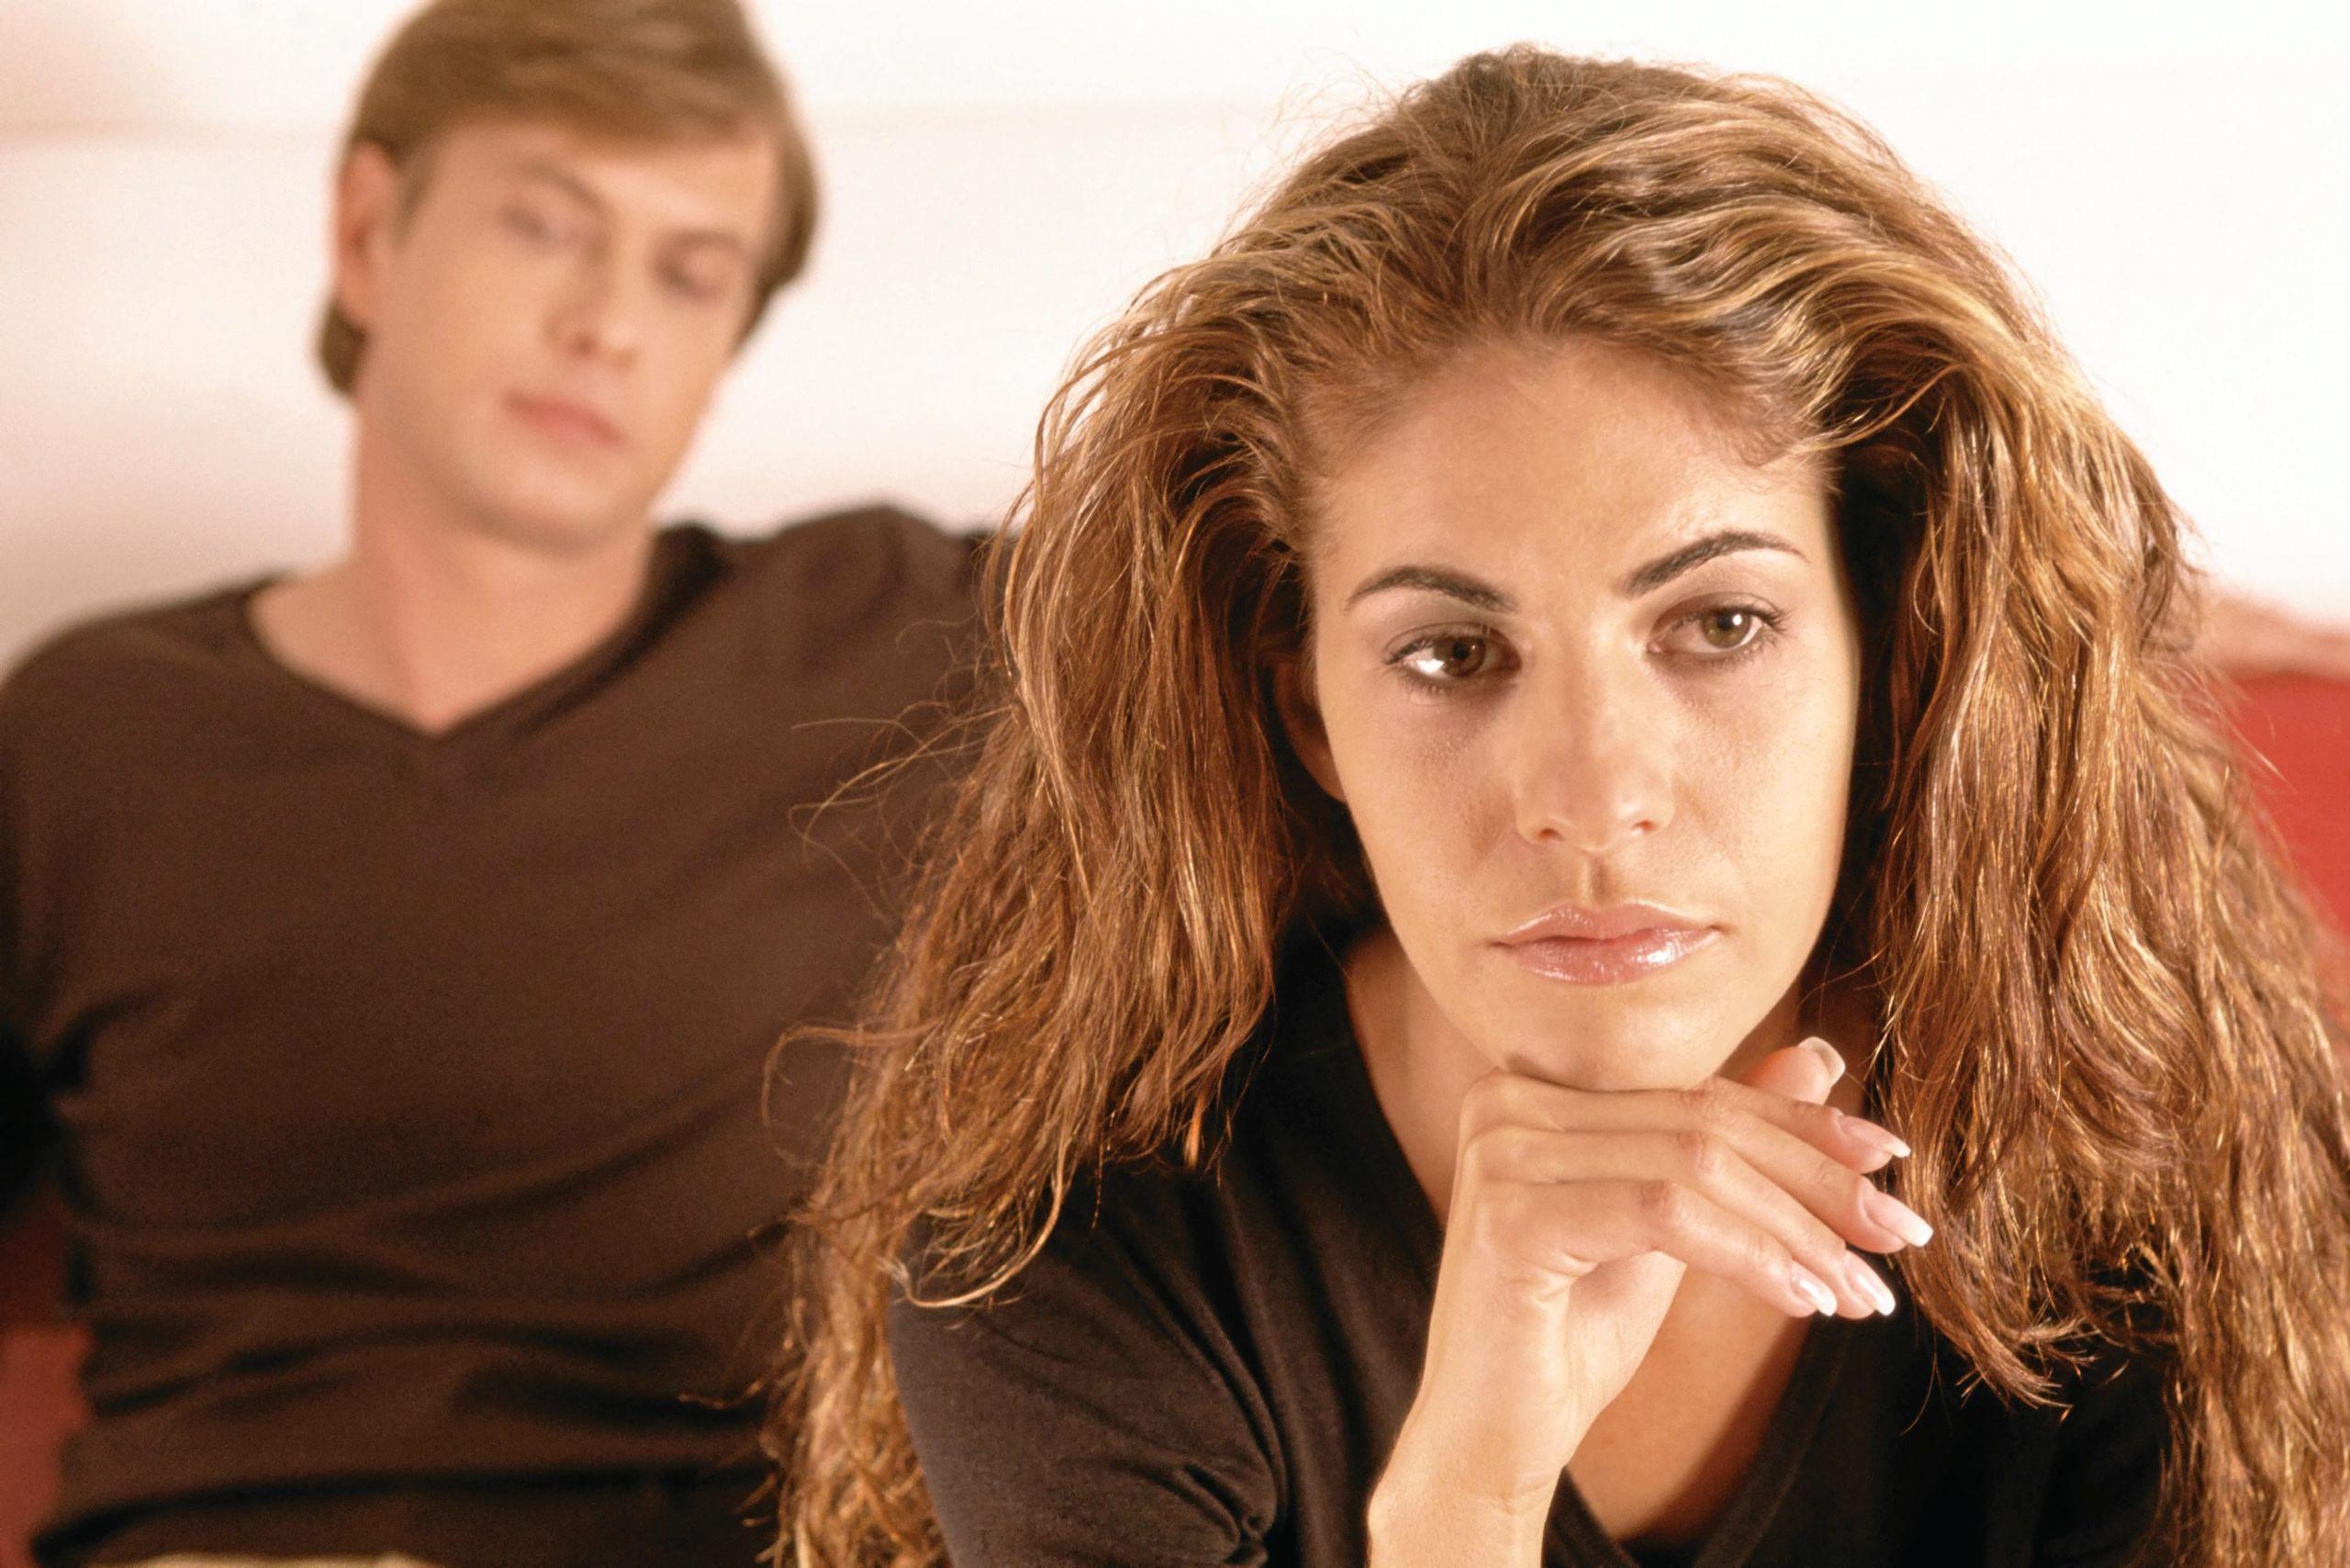 kvinders ligestilling profiltekst dating